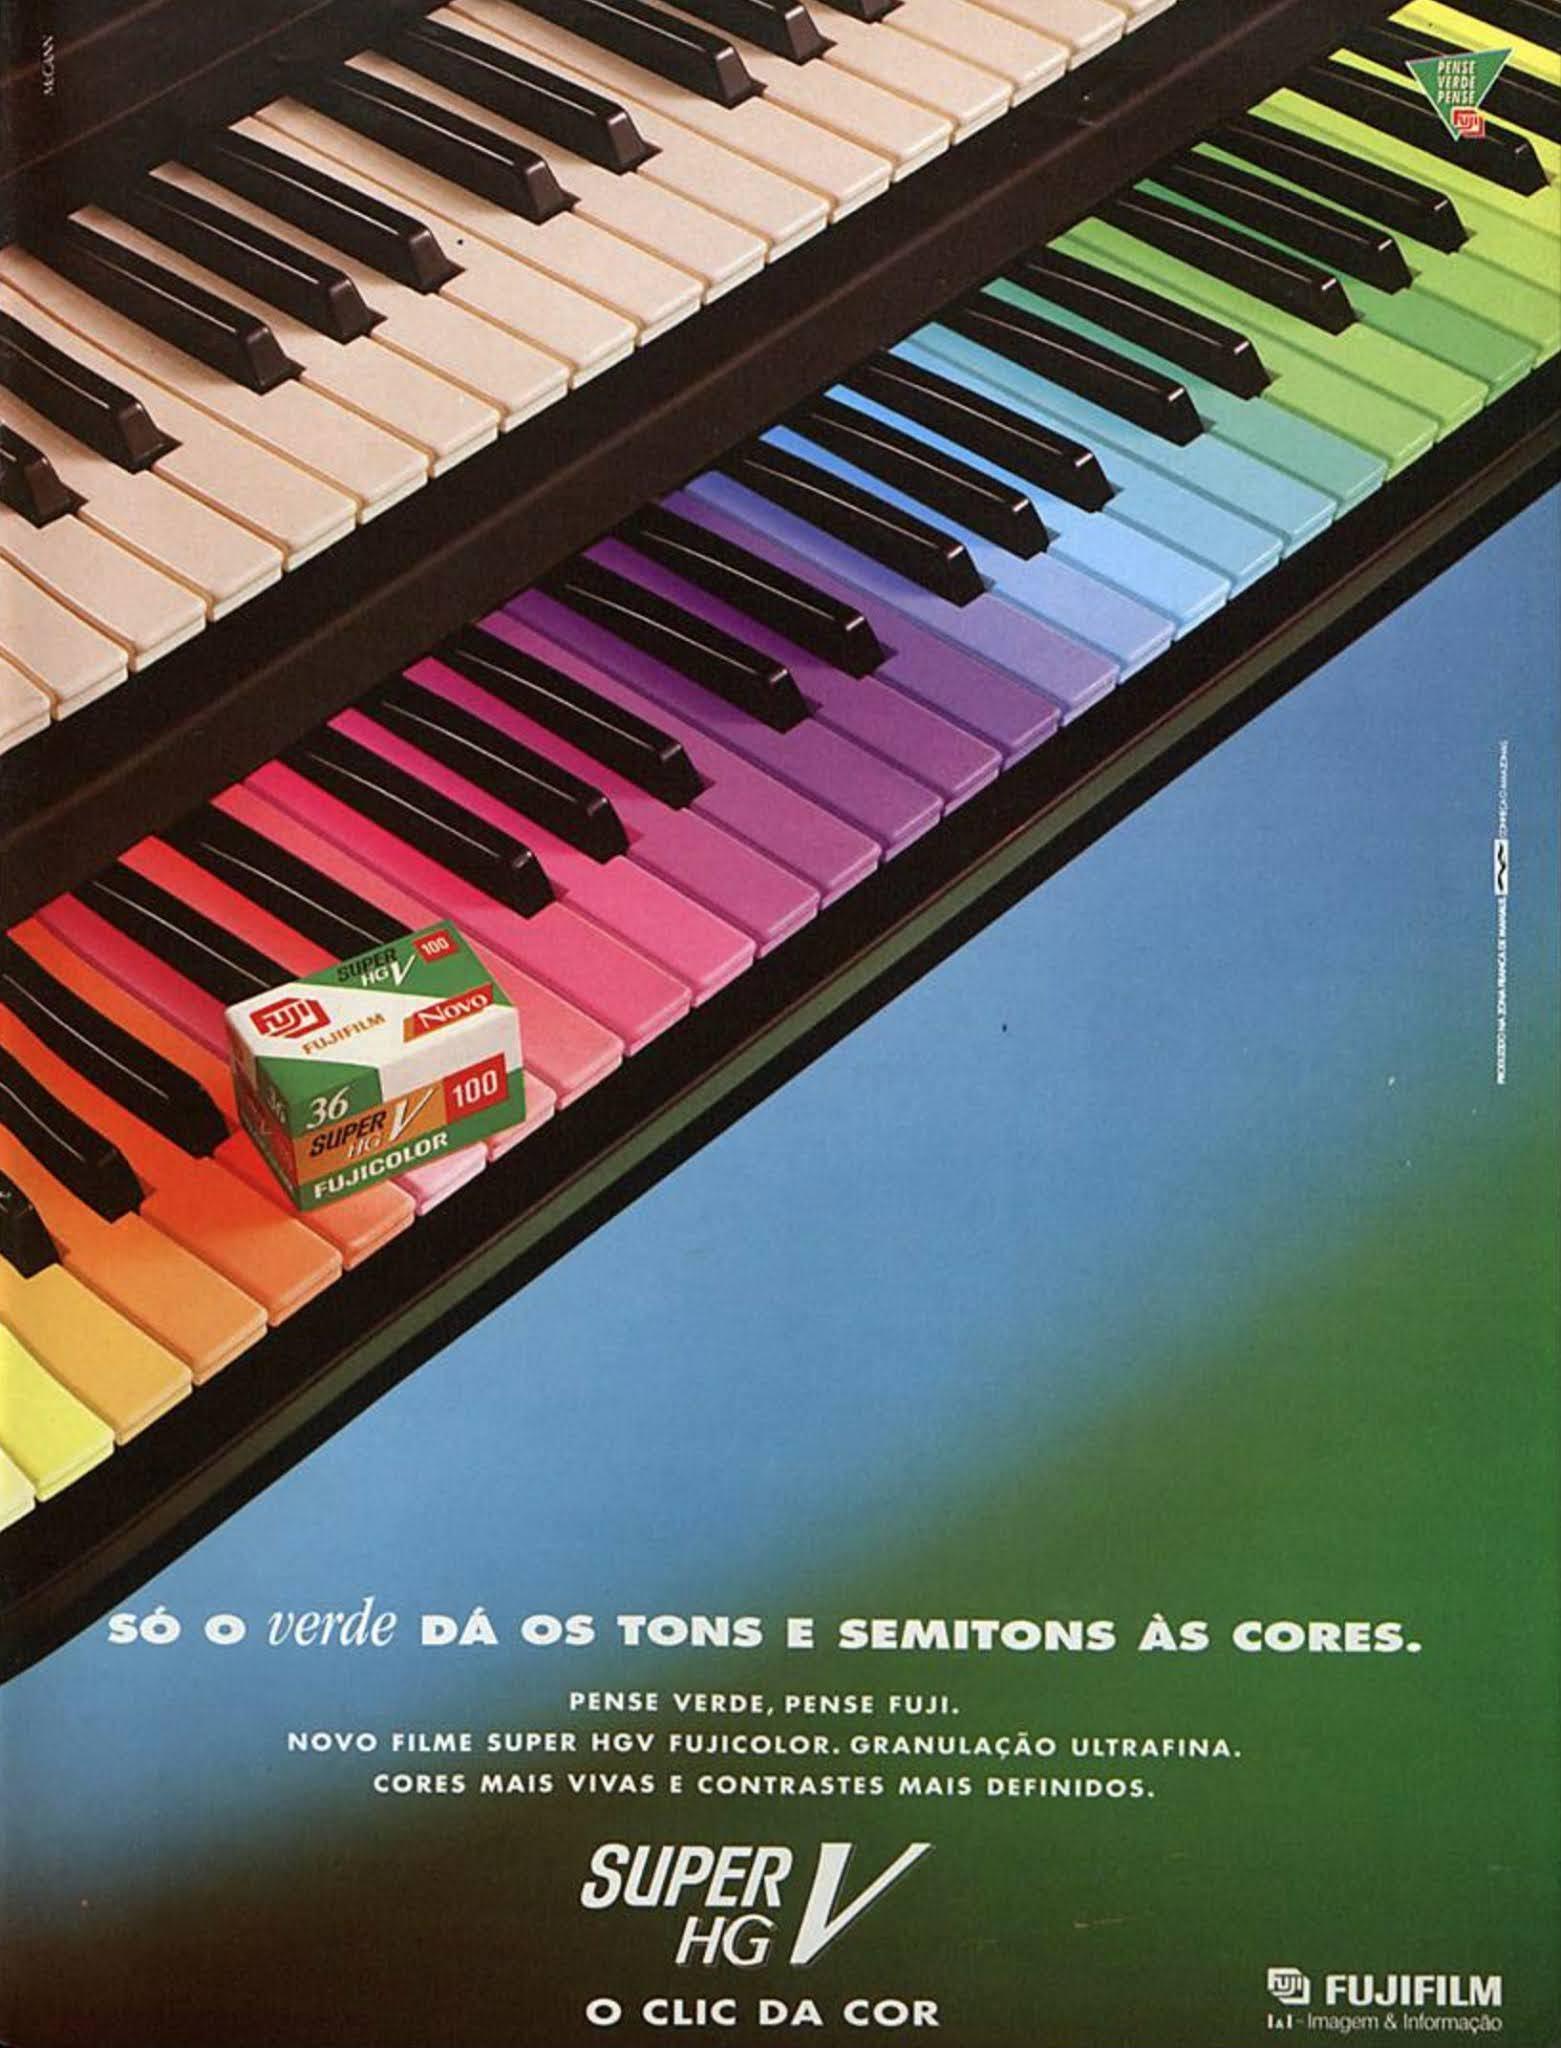 Anúncio de 1995 do filme fotográfico Fujifilm promovendo sua gama de cores em fotos